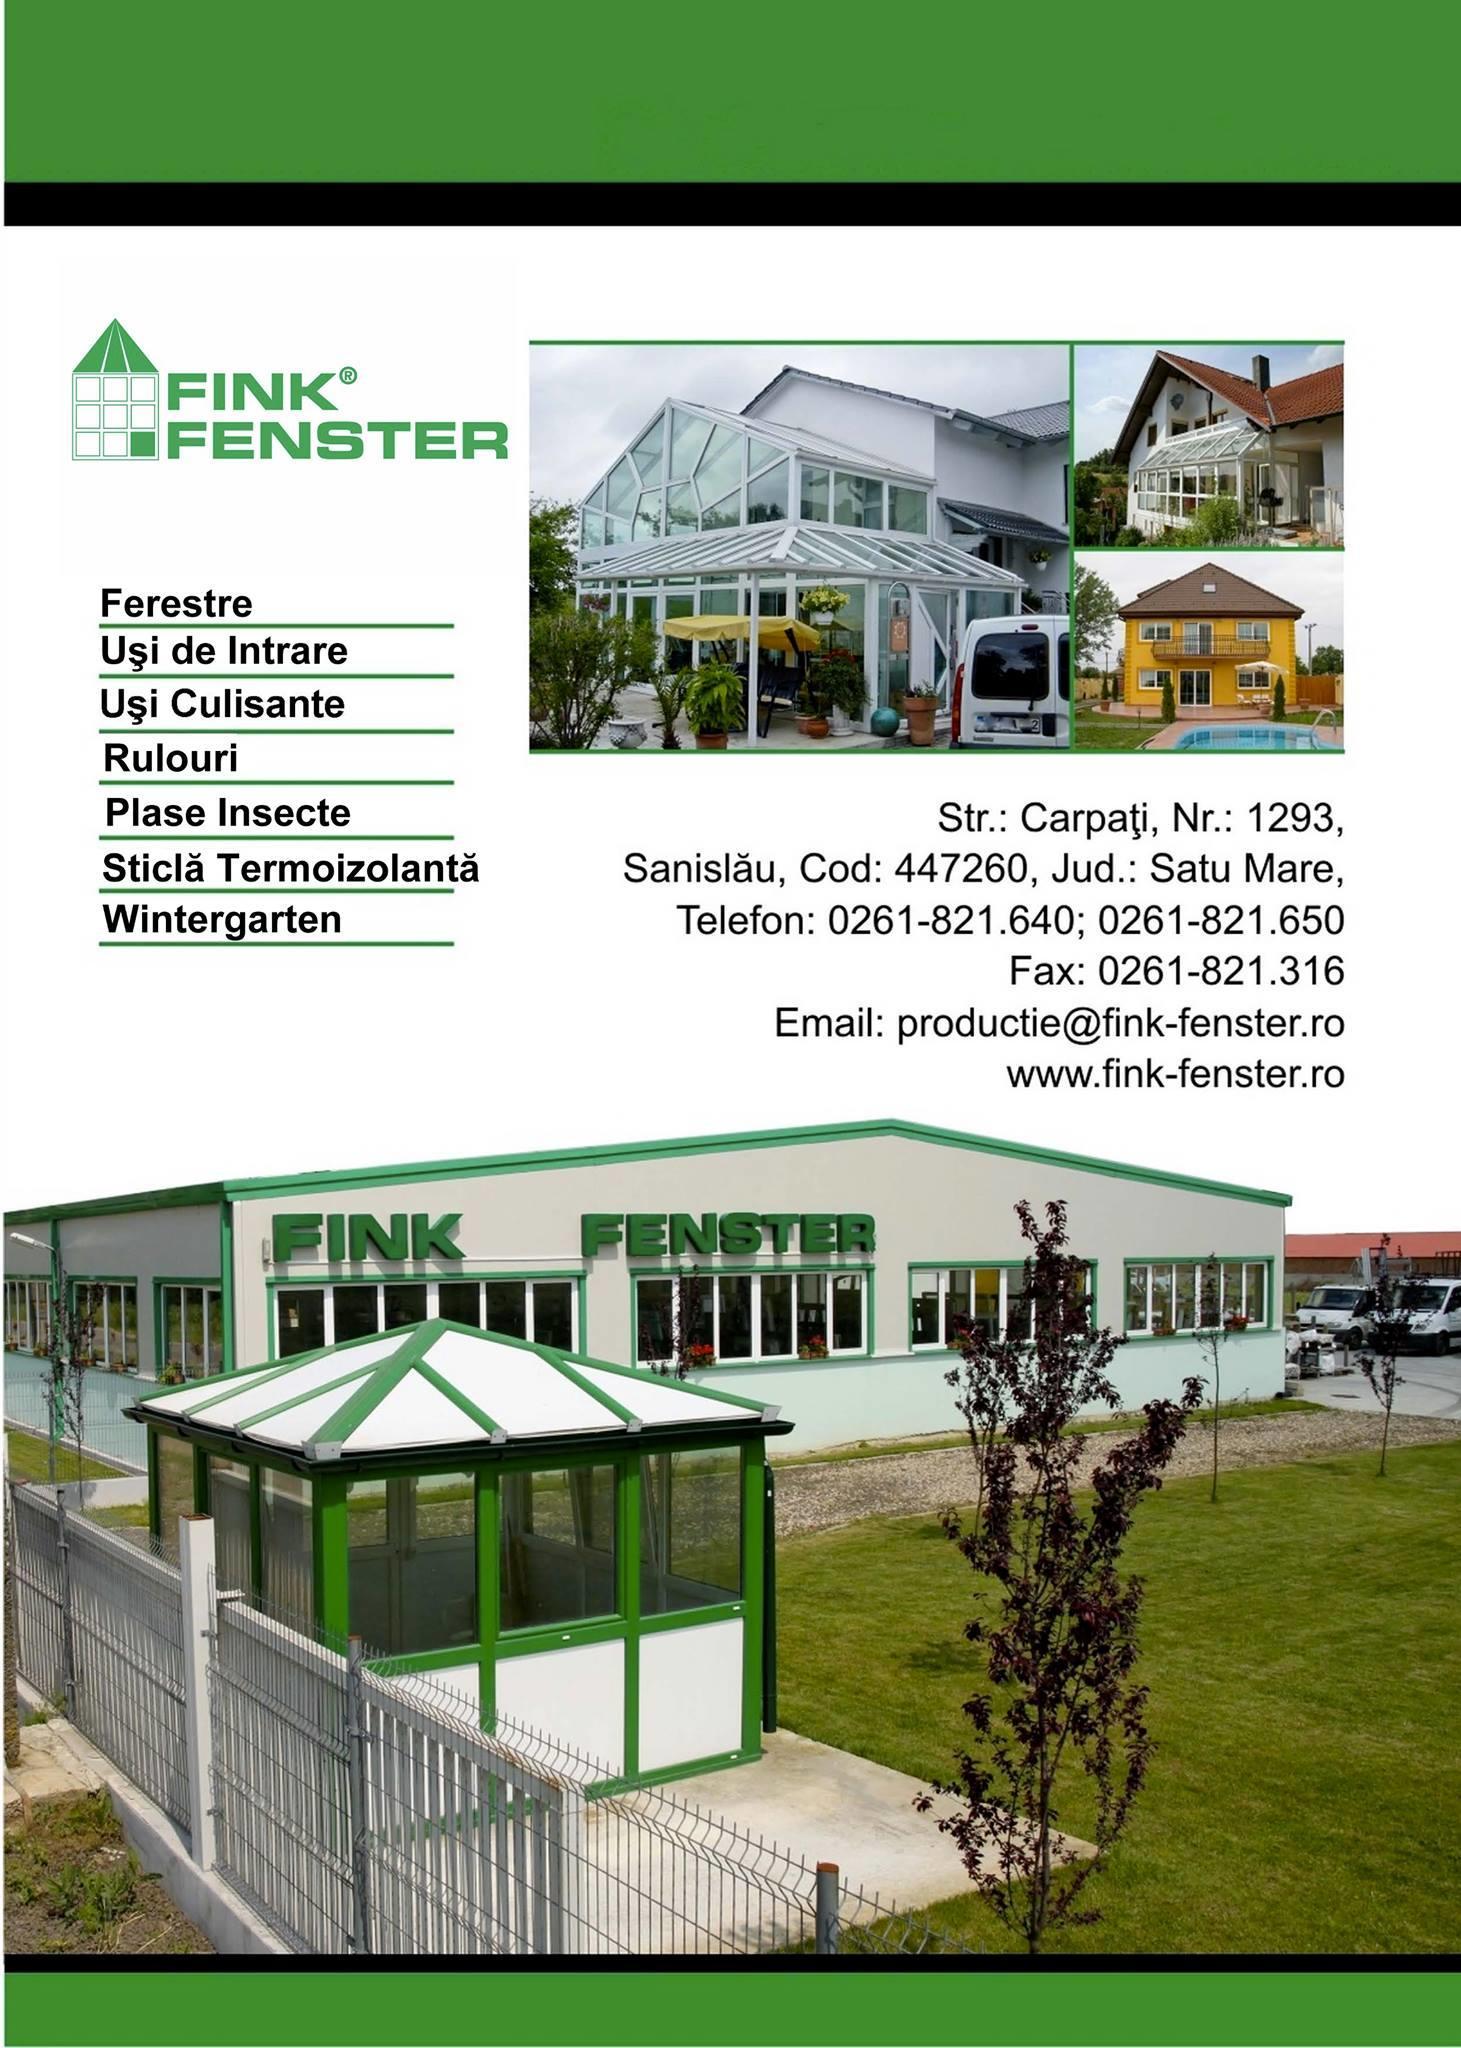 FINK FENSTER